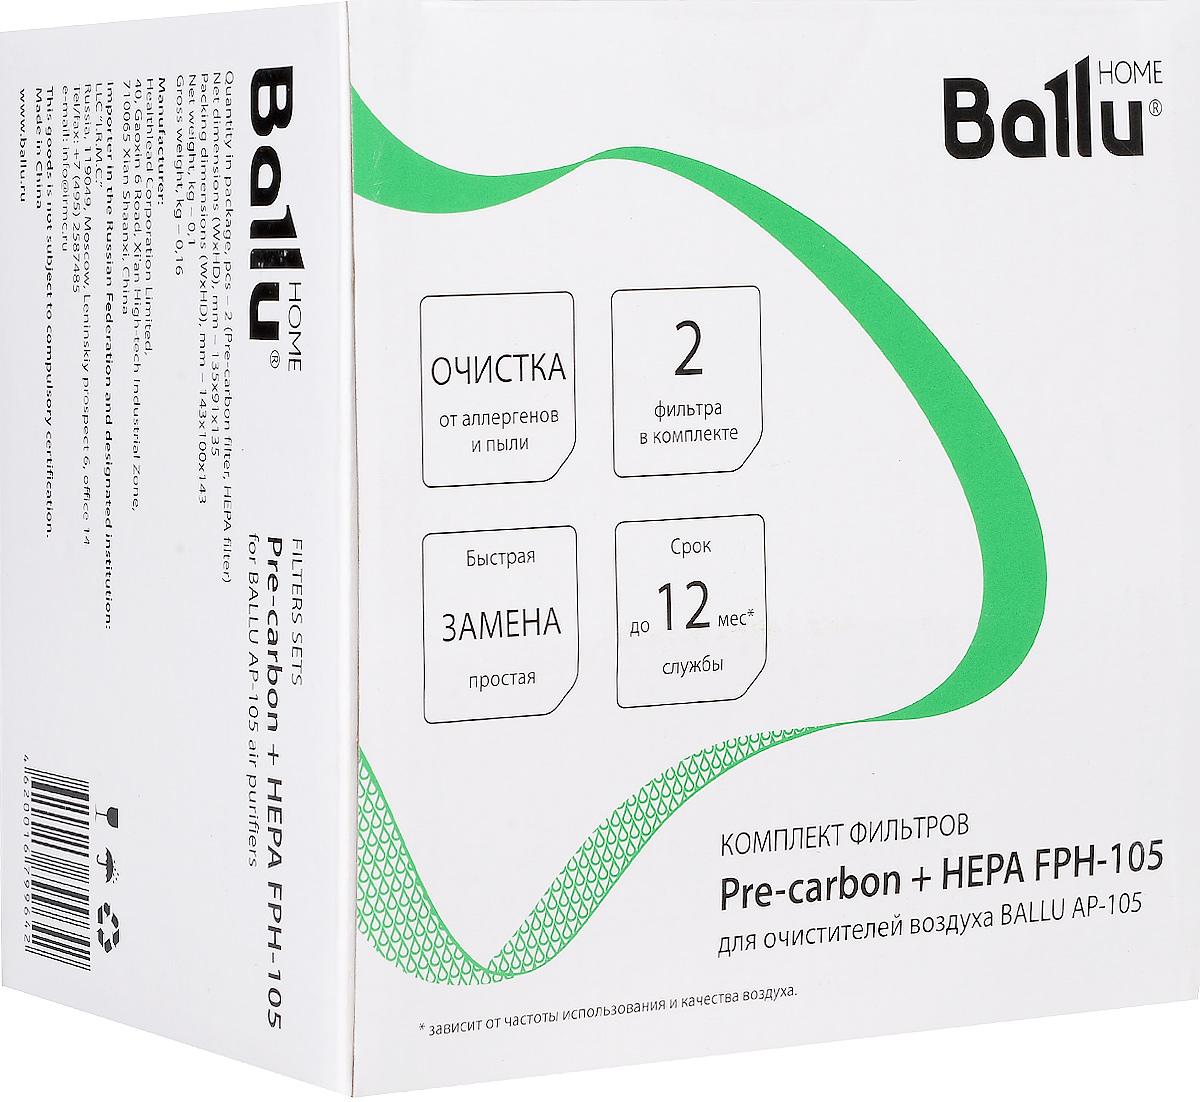 Ballu Pre-carbon + HEPA FРH-105 комплект фильтров для воздухоочистителя AP-105FРH-105Данный комплект включает в себя фильтр тонкой очистки воздуха HEPA и фильтр предварительной очистки воздуха Pre-carbon. Противоаллергенный фильтр класса НЕРА гарантирует удержание 99% частиц пыли, цветочной пыльцы, аллергенов и других загрязнителей размером до 0,3 мкм. Срок годности фильтра тонкой очистки воздуха составляет от 6 месяцев до 12 месяцев (или 2800 часов работы). Шерсть домашних животных и крупные частички оседают в Pre-Carbon фильтре, что позволяет повысить эффективность очистки и значительно продлить срок службы HEPA-фильтра. Срок годности фильтра предварительной очистки воздуха составляет от 3 месяцев до 6 месяцев (или 1400 часов работы).